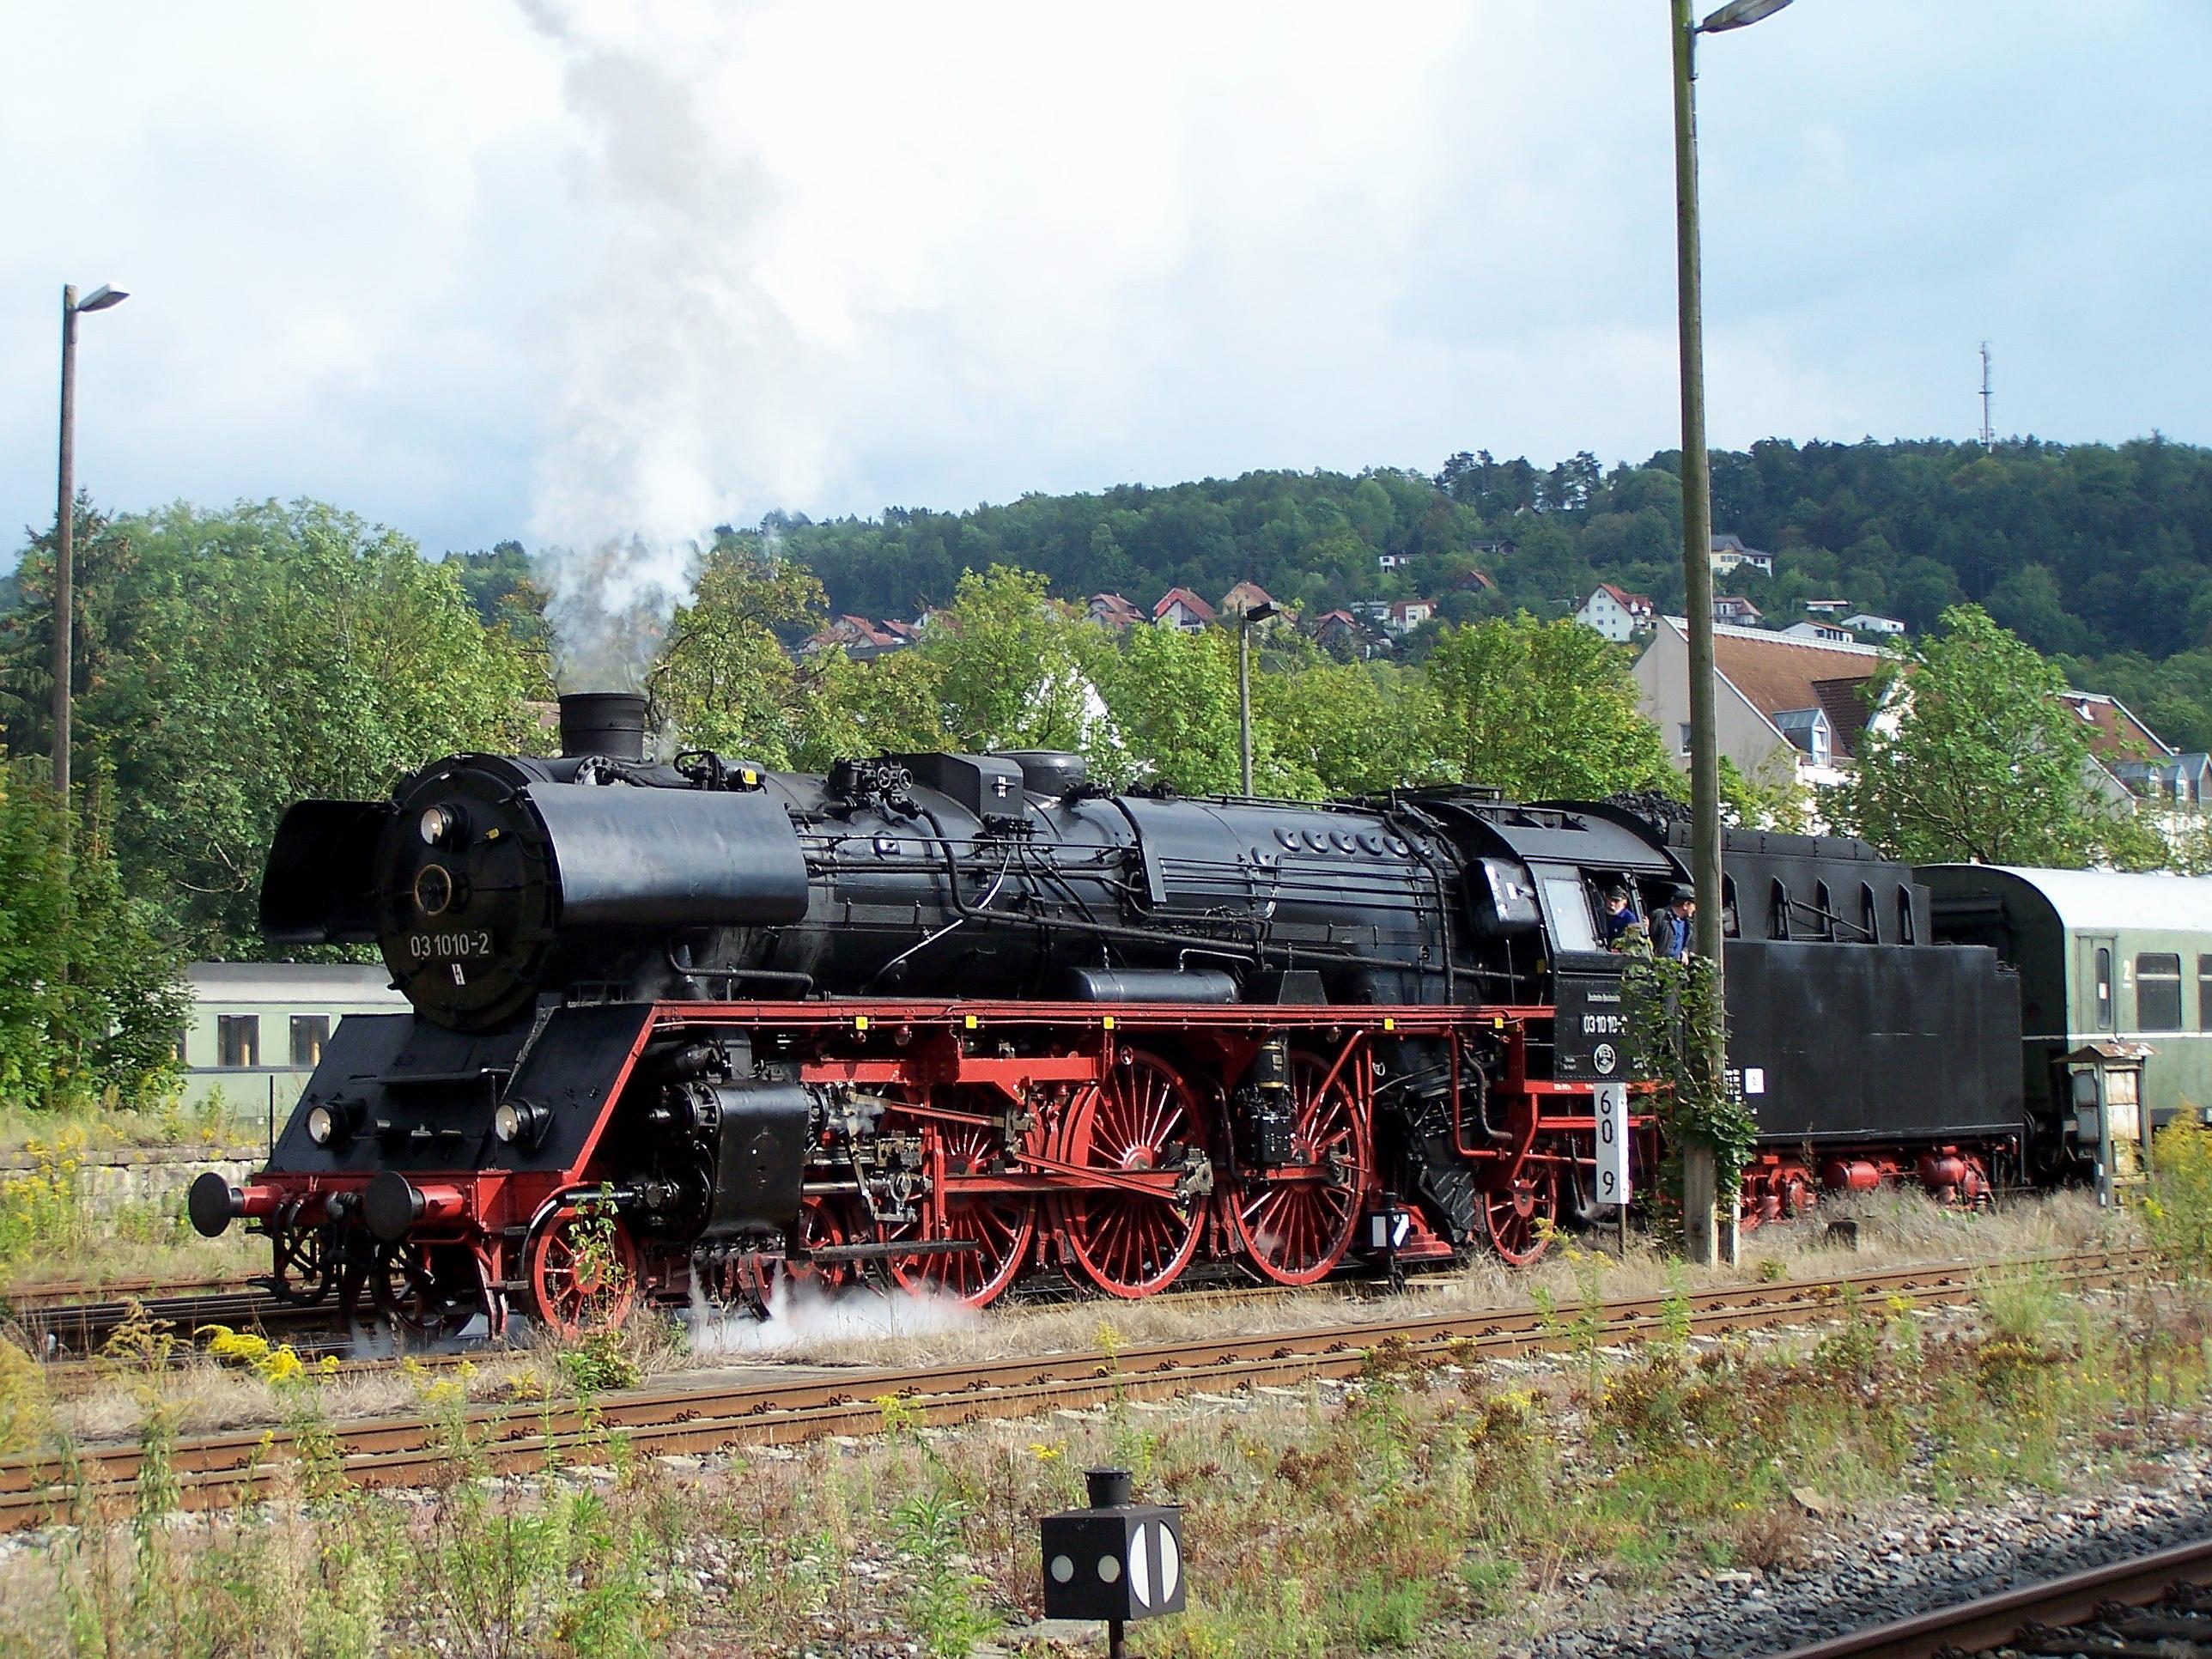 File:03 1010 Meiningen 01092007.JPG - Wikimedia Commons on